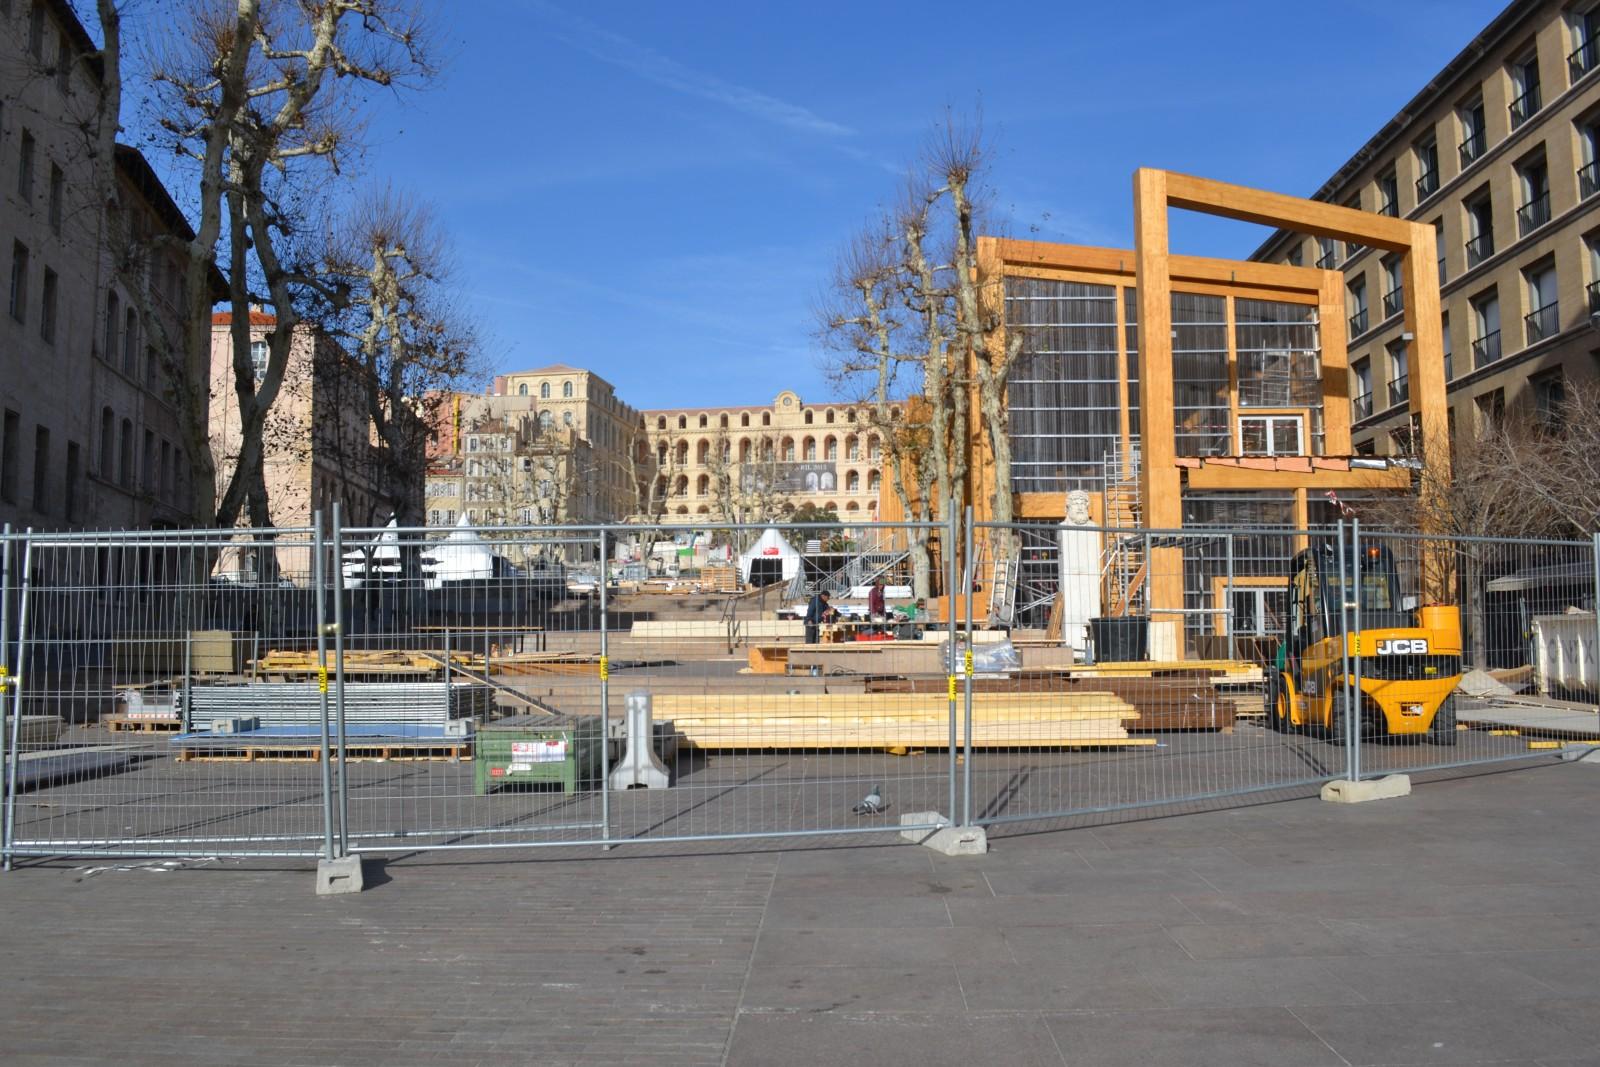 Vue globale de la Place Villeneuve Bargemon. Le 28 décembre 2012  ©MD